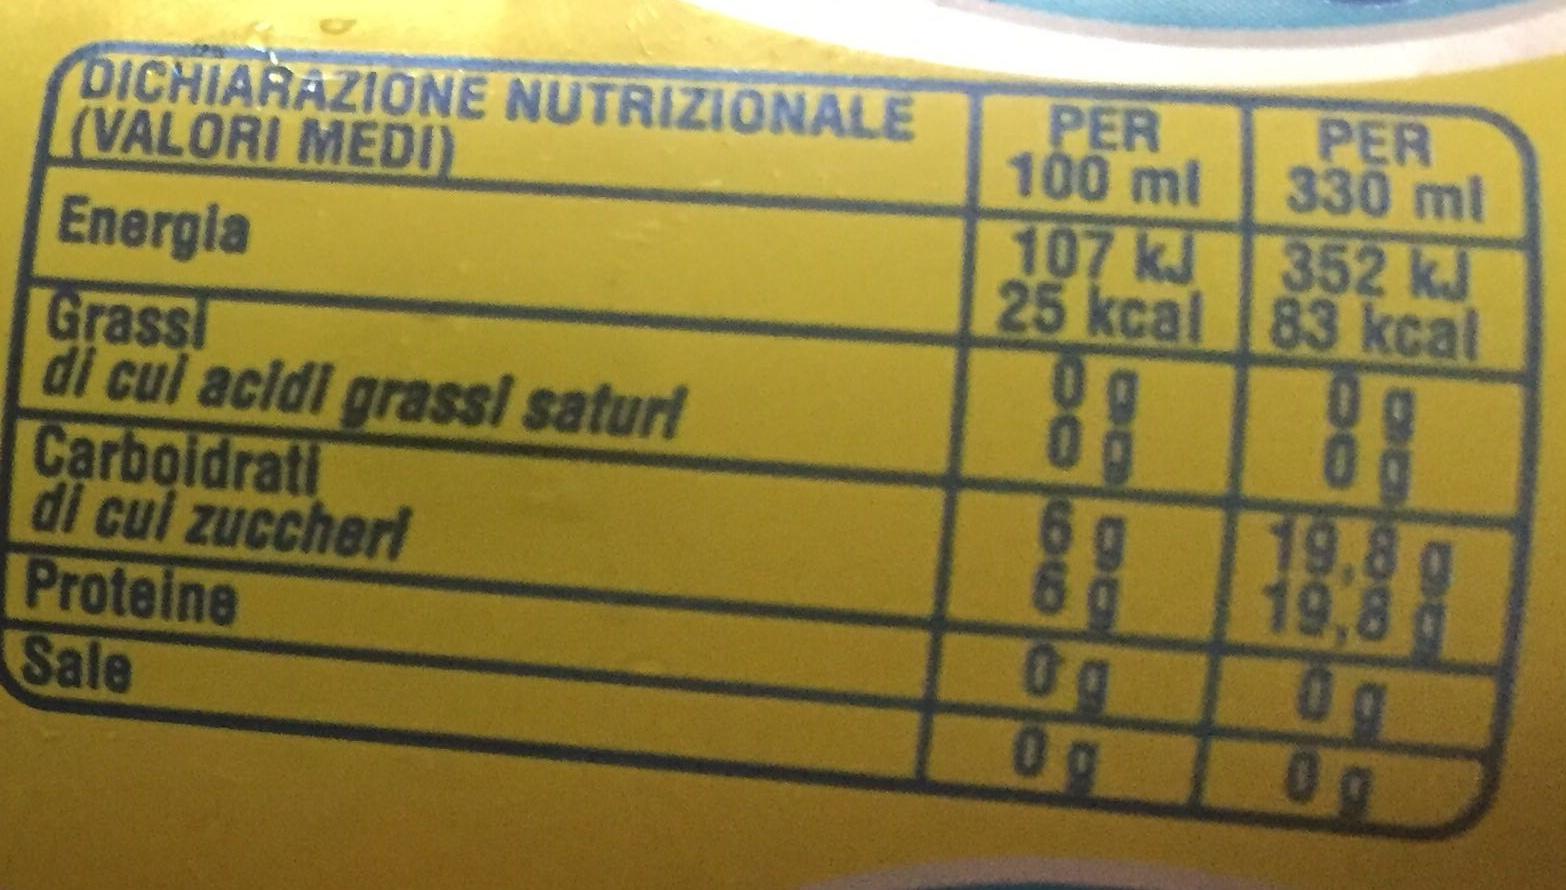 Thé Limone - Informazioni nutrizionali